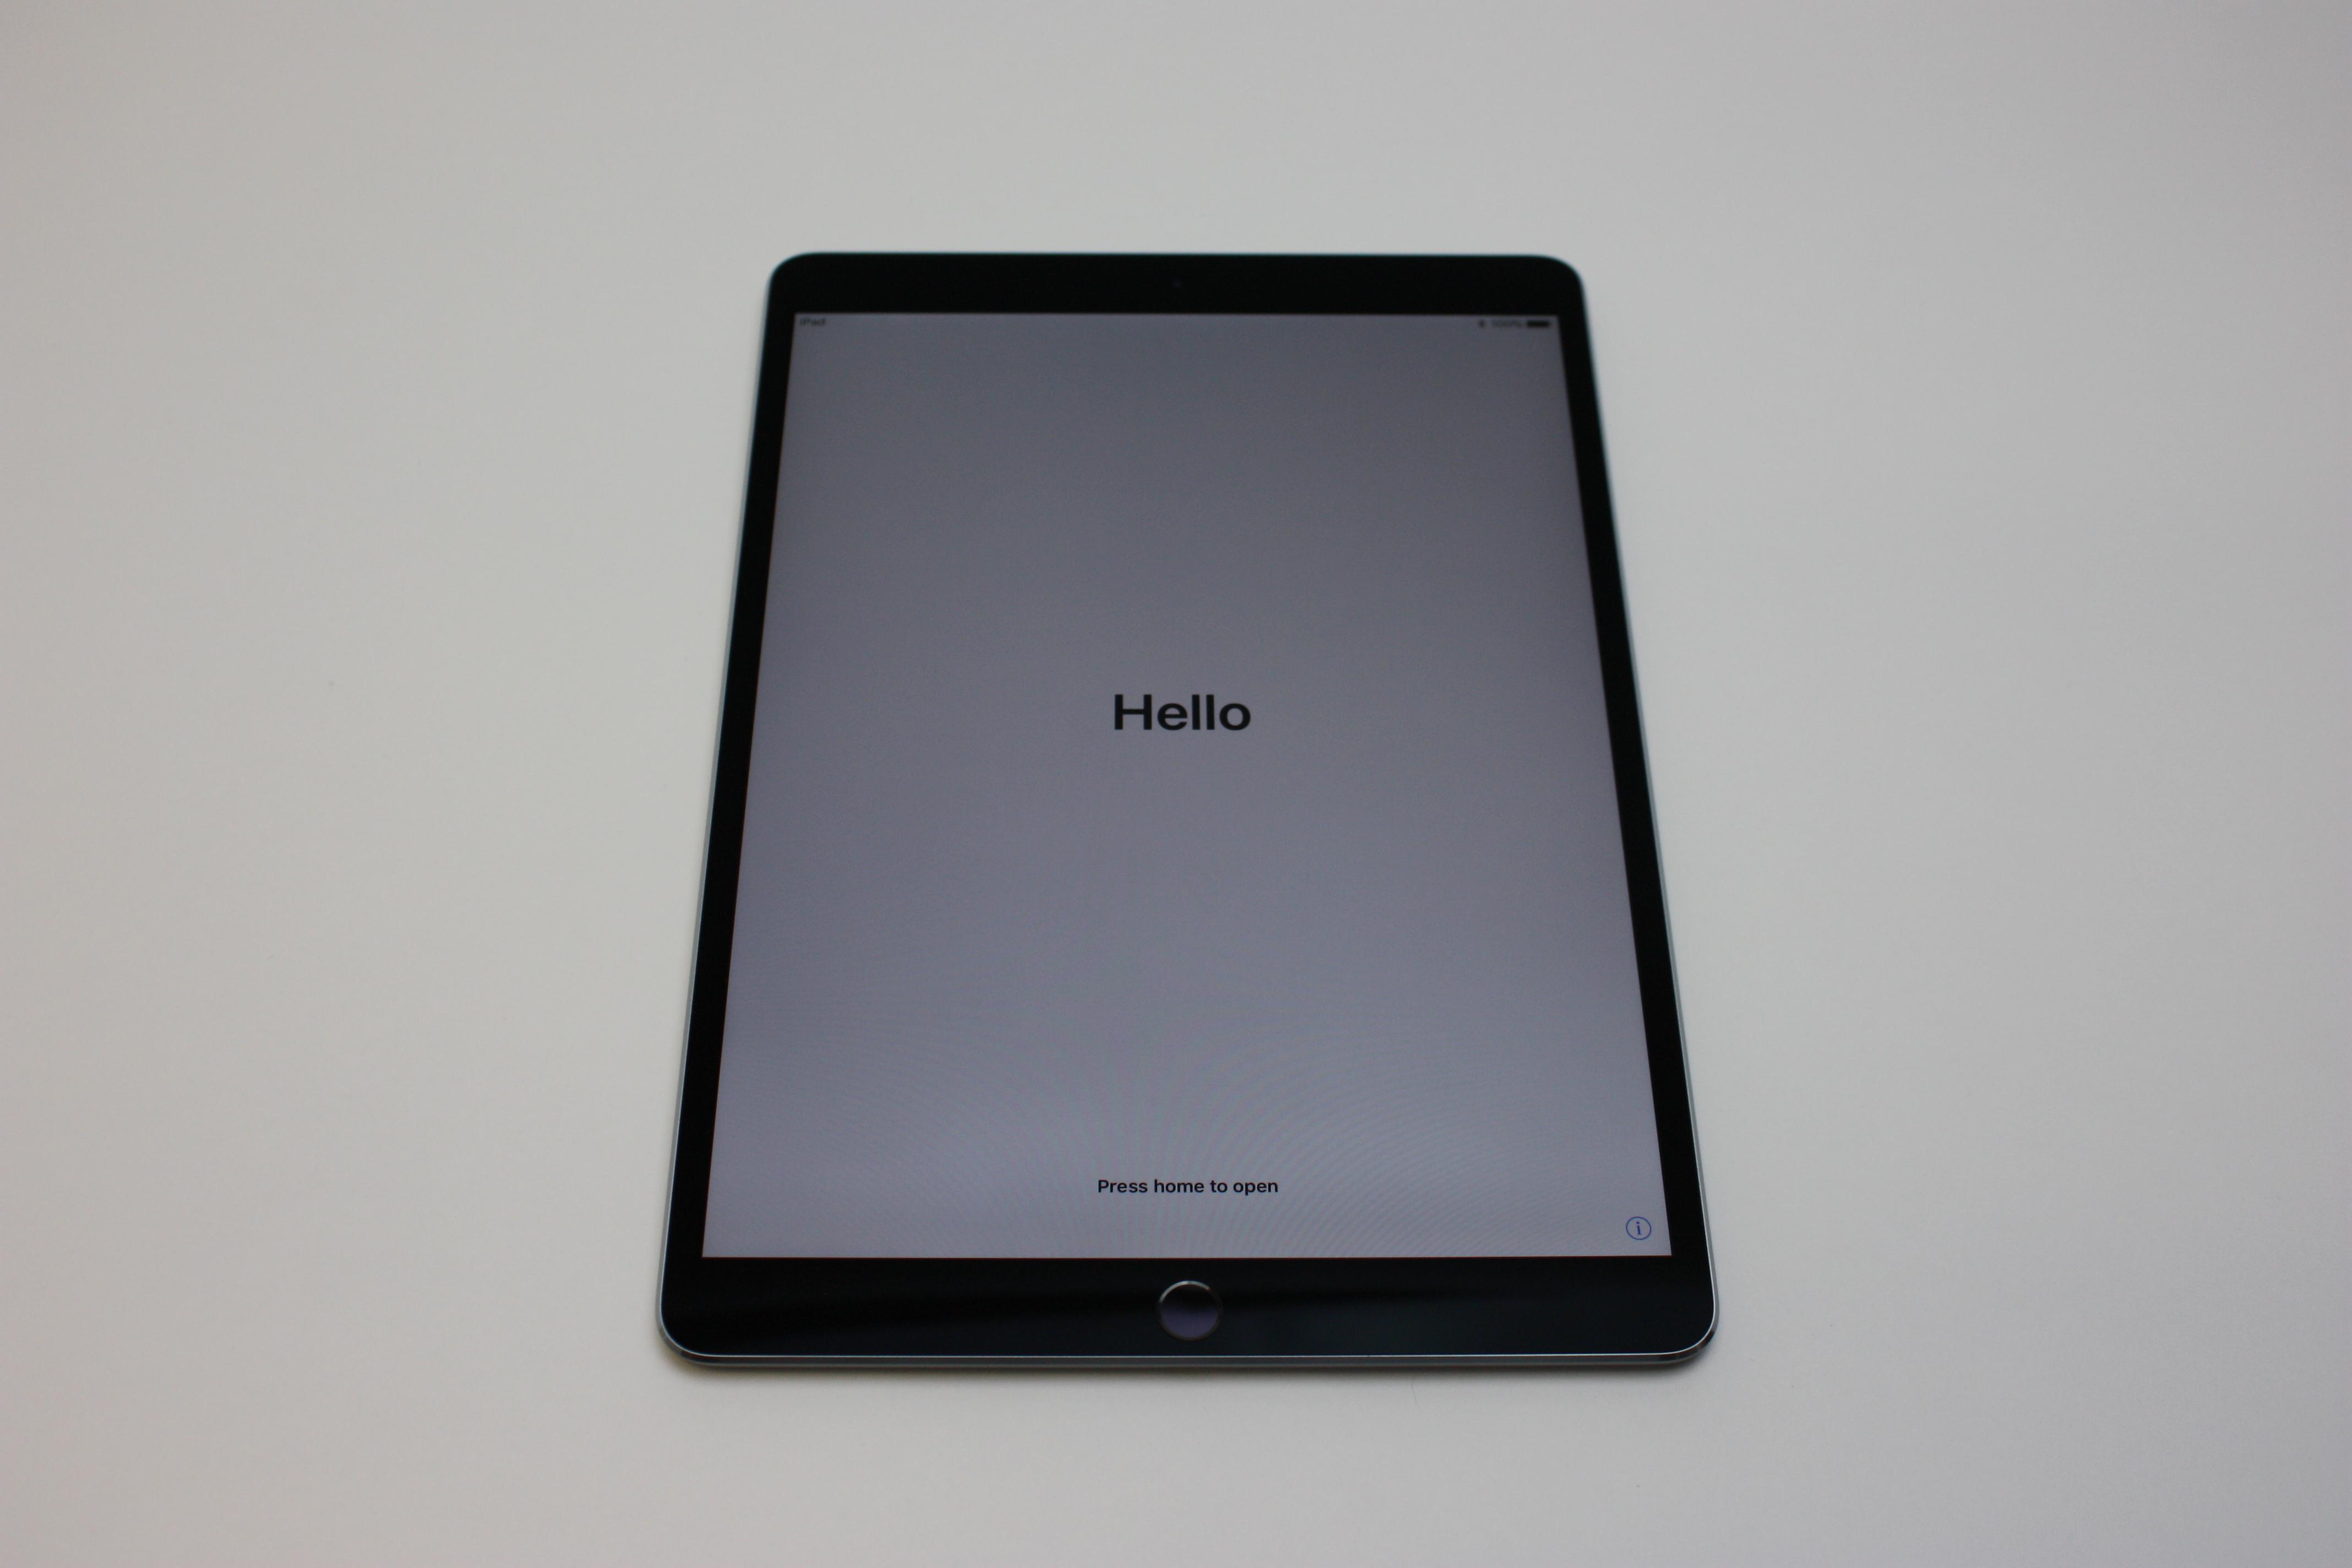 iPad Pro 10.5-inch Wi-Fi, 64 GB, Space Grey, image 1